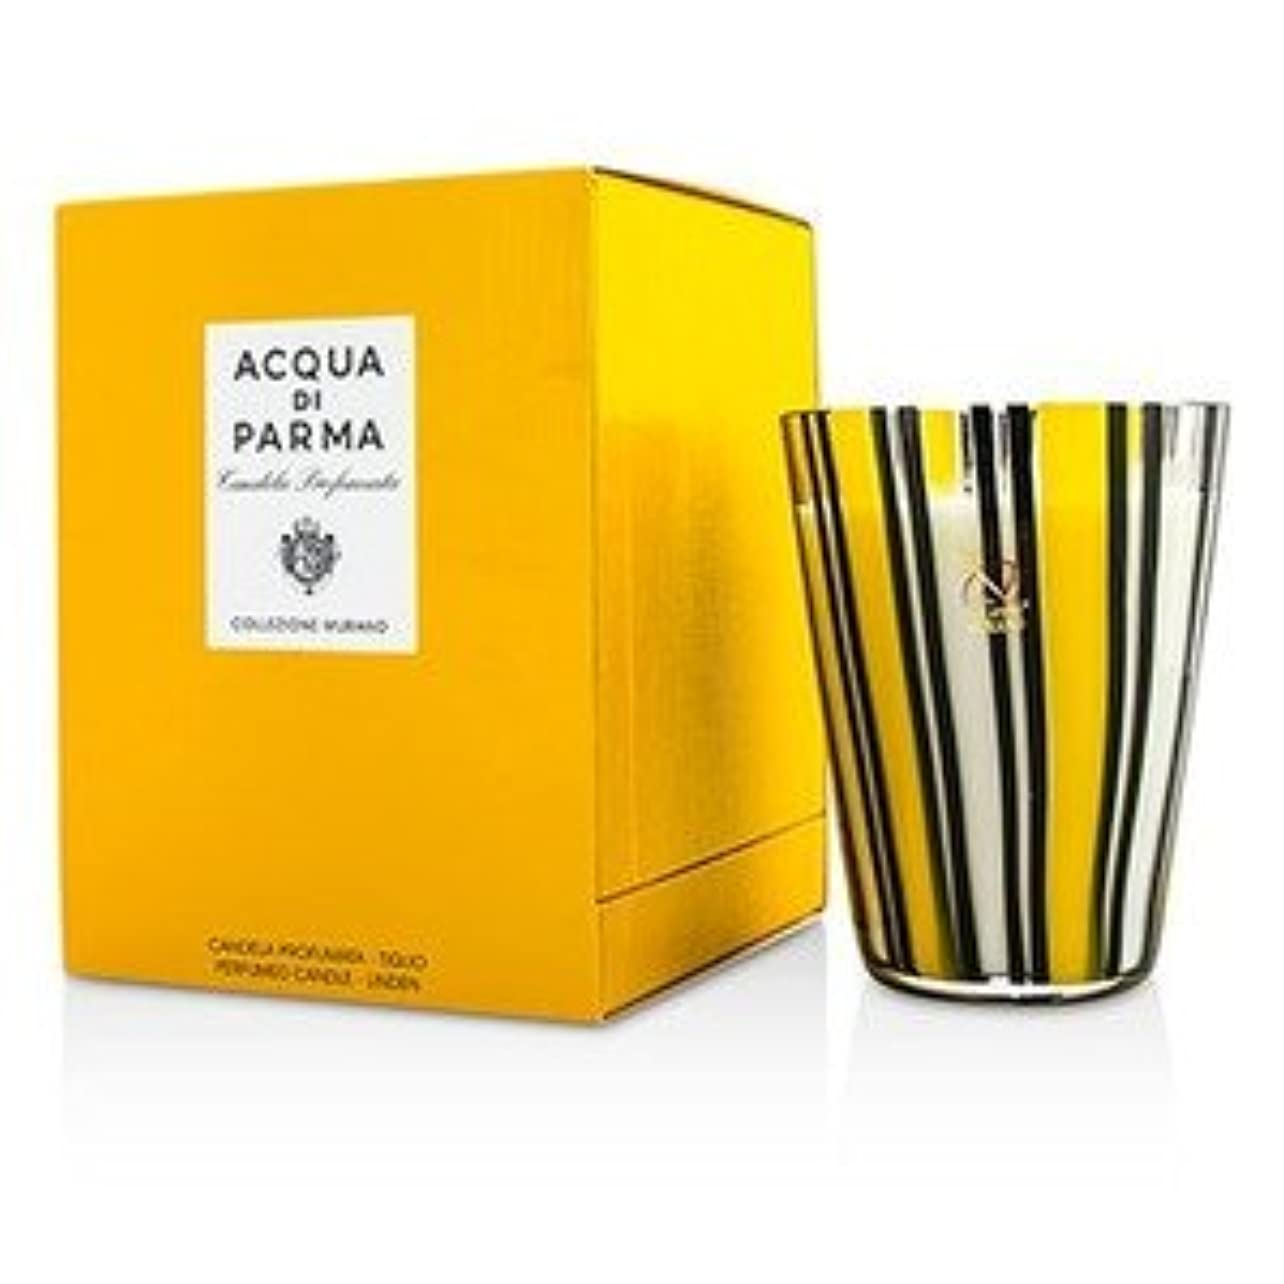 小さな晩餐バケツアクア ディ パルマ[Acqua Di Parma] ムラノ グラス パフューム キャンドル - Tiglio(Linen) 200g/7.05oz [並行輸入品]